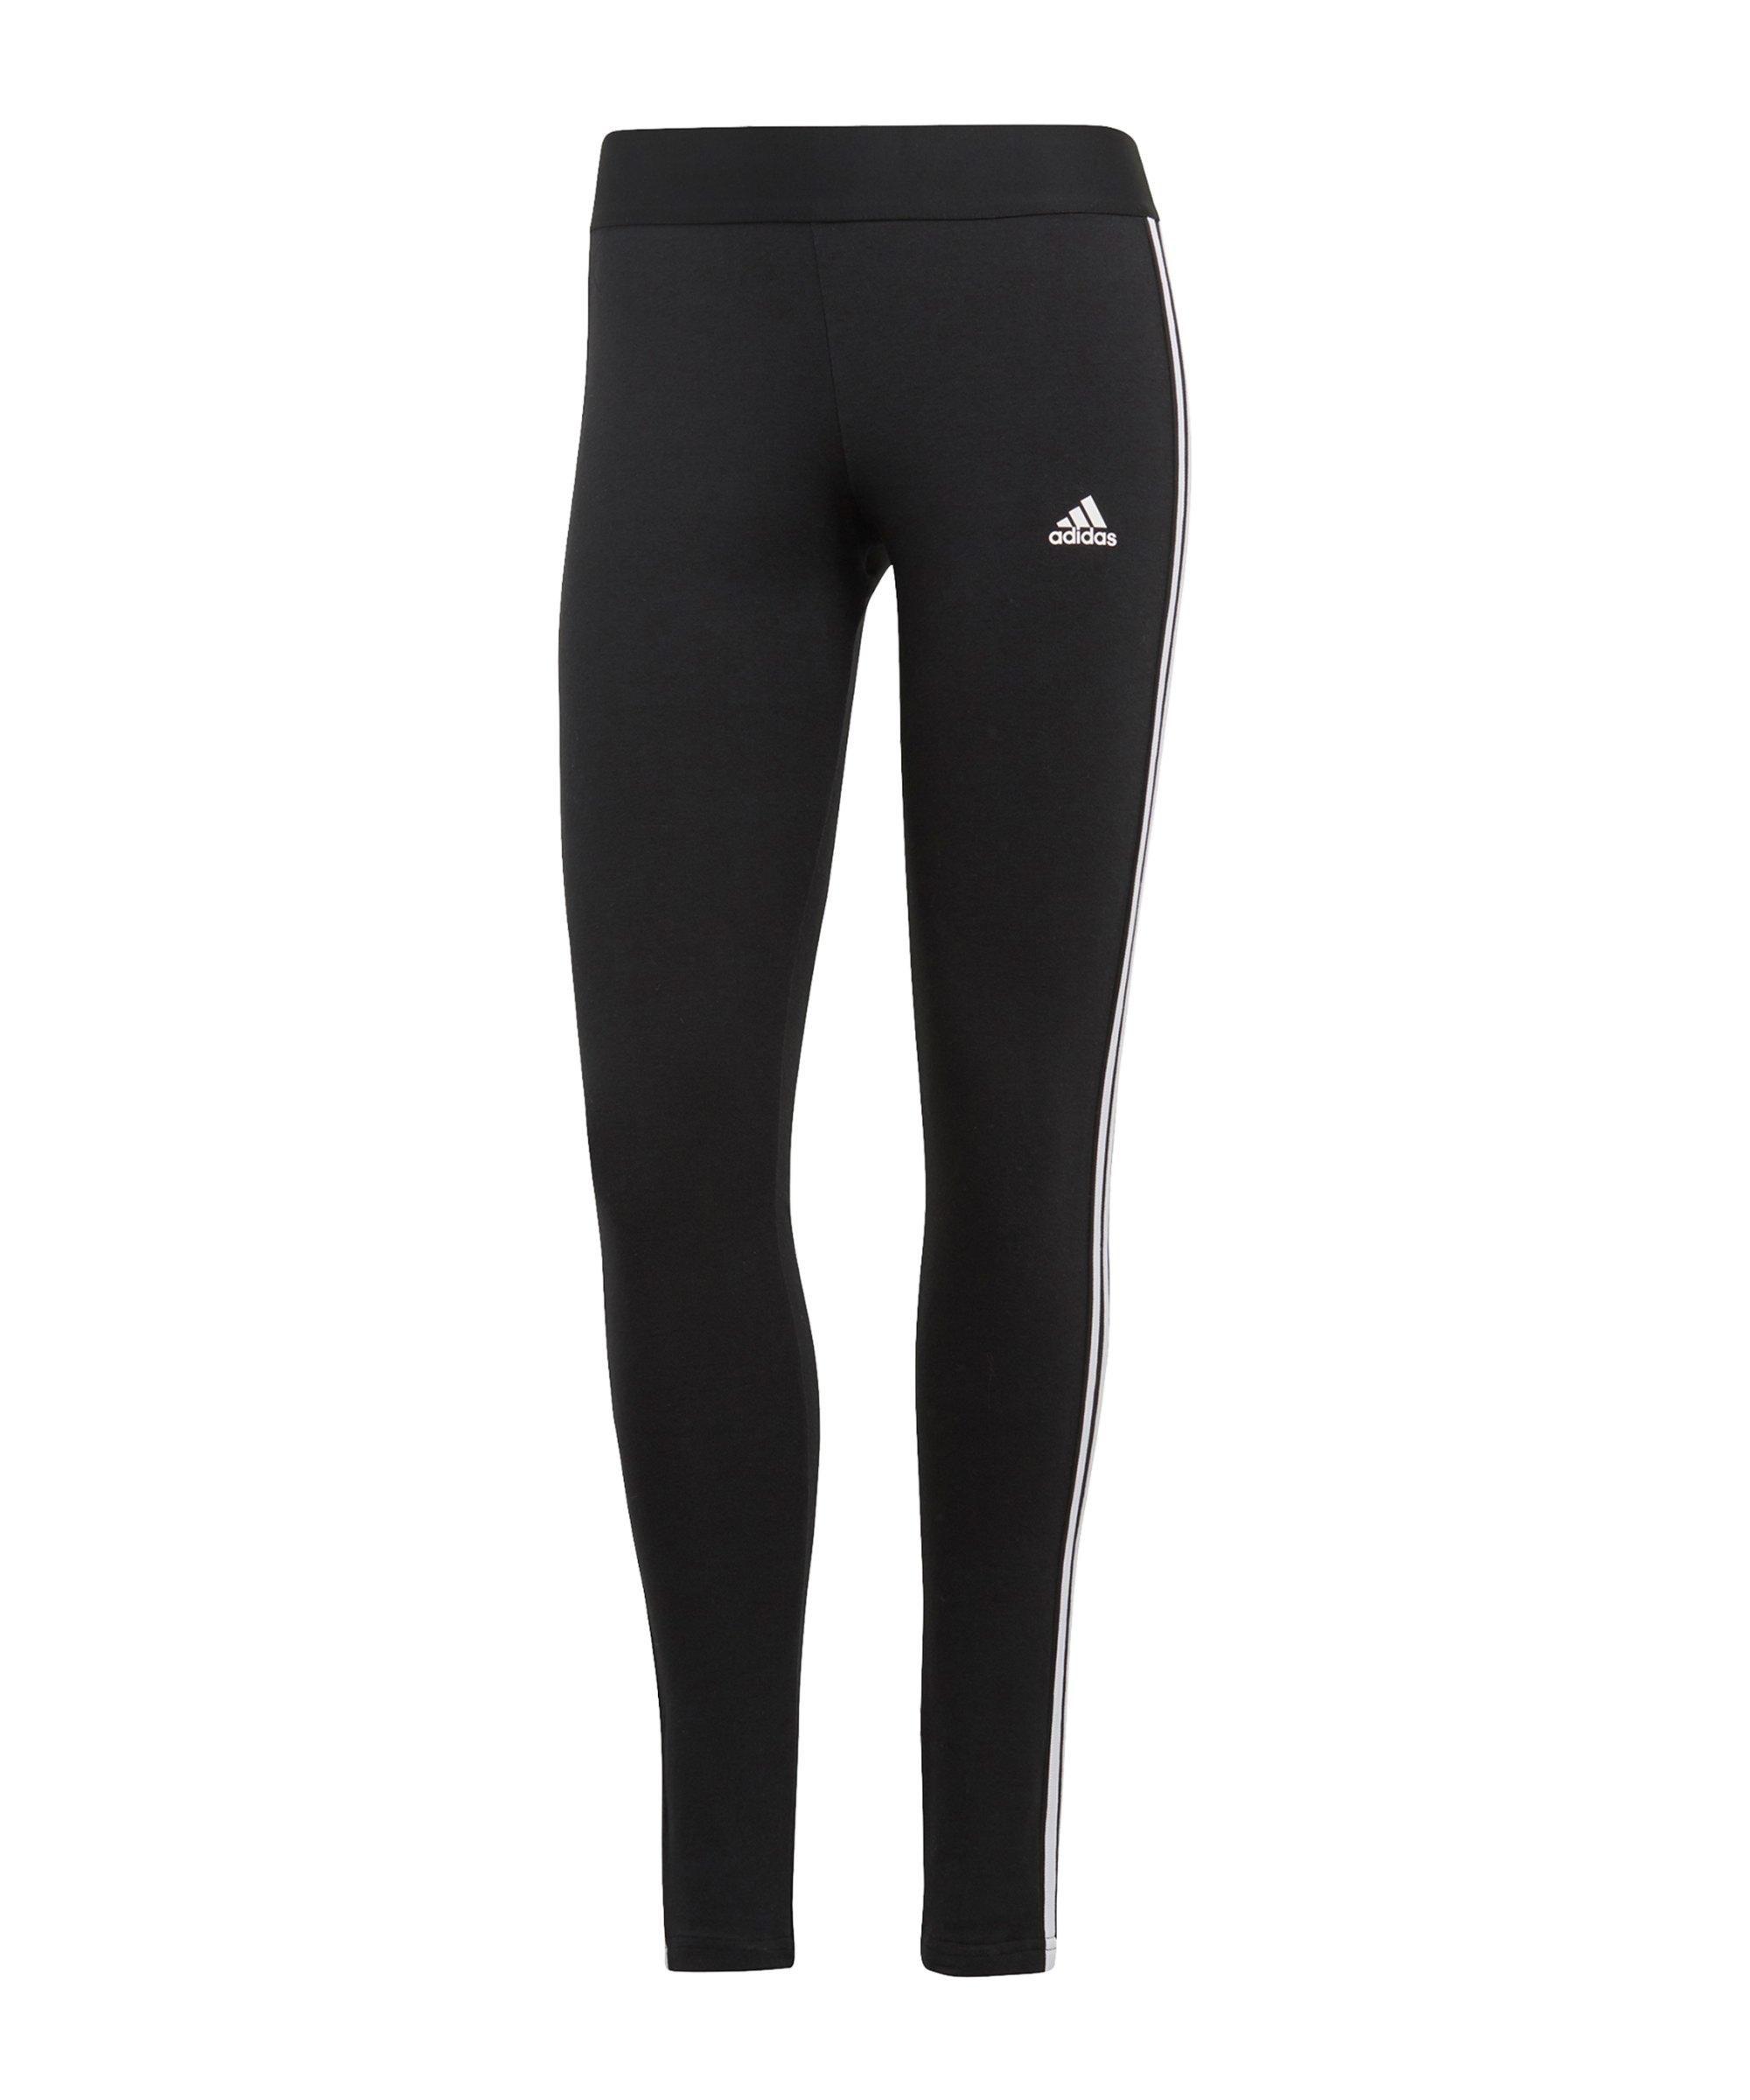 adidas Essentials 3 Stripes Leggings Damen Schwarz - schwarz